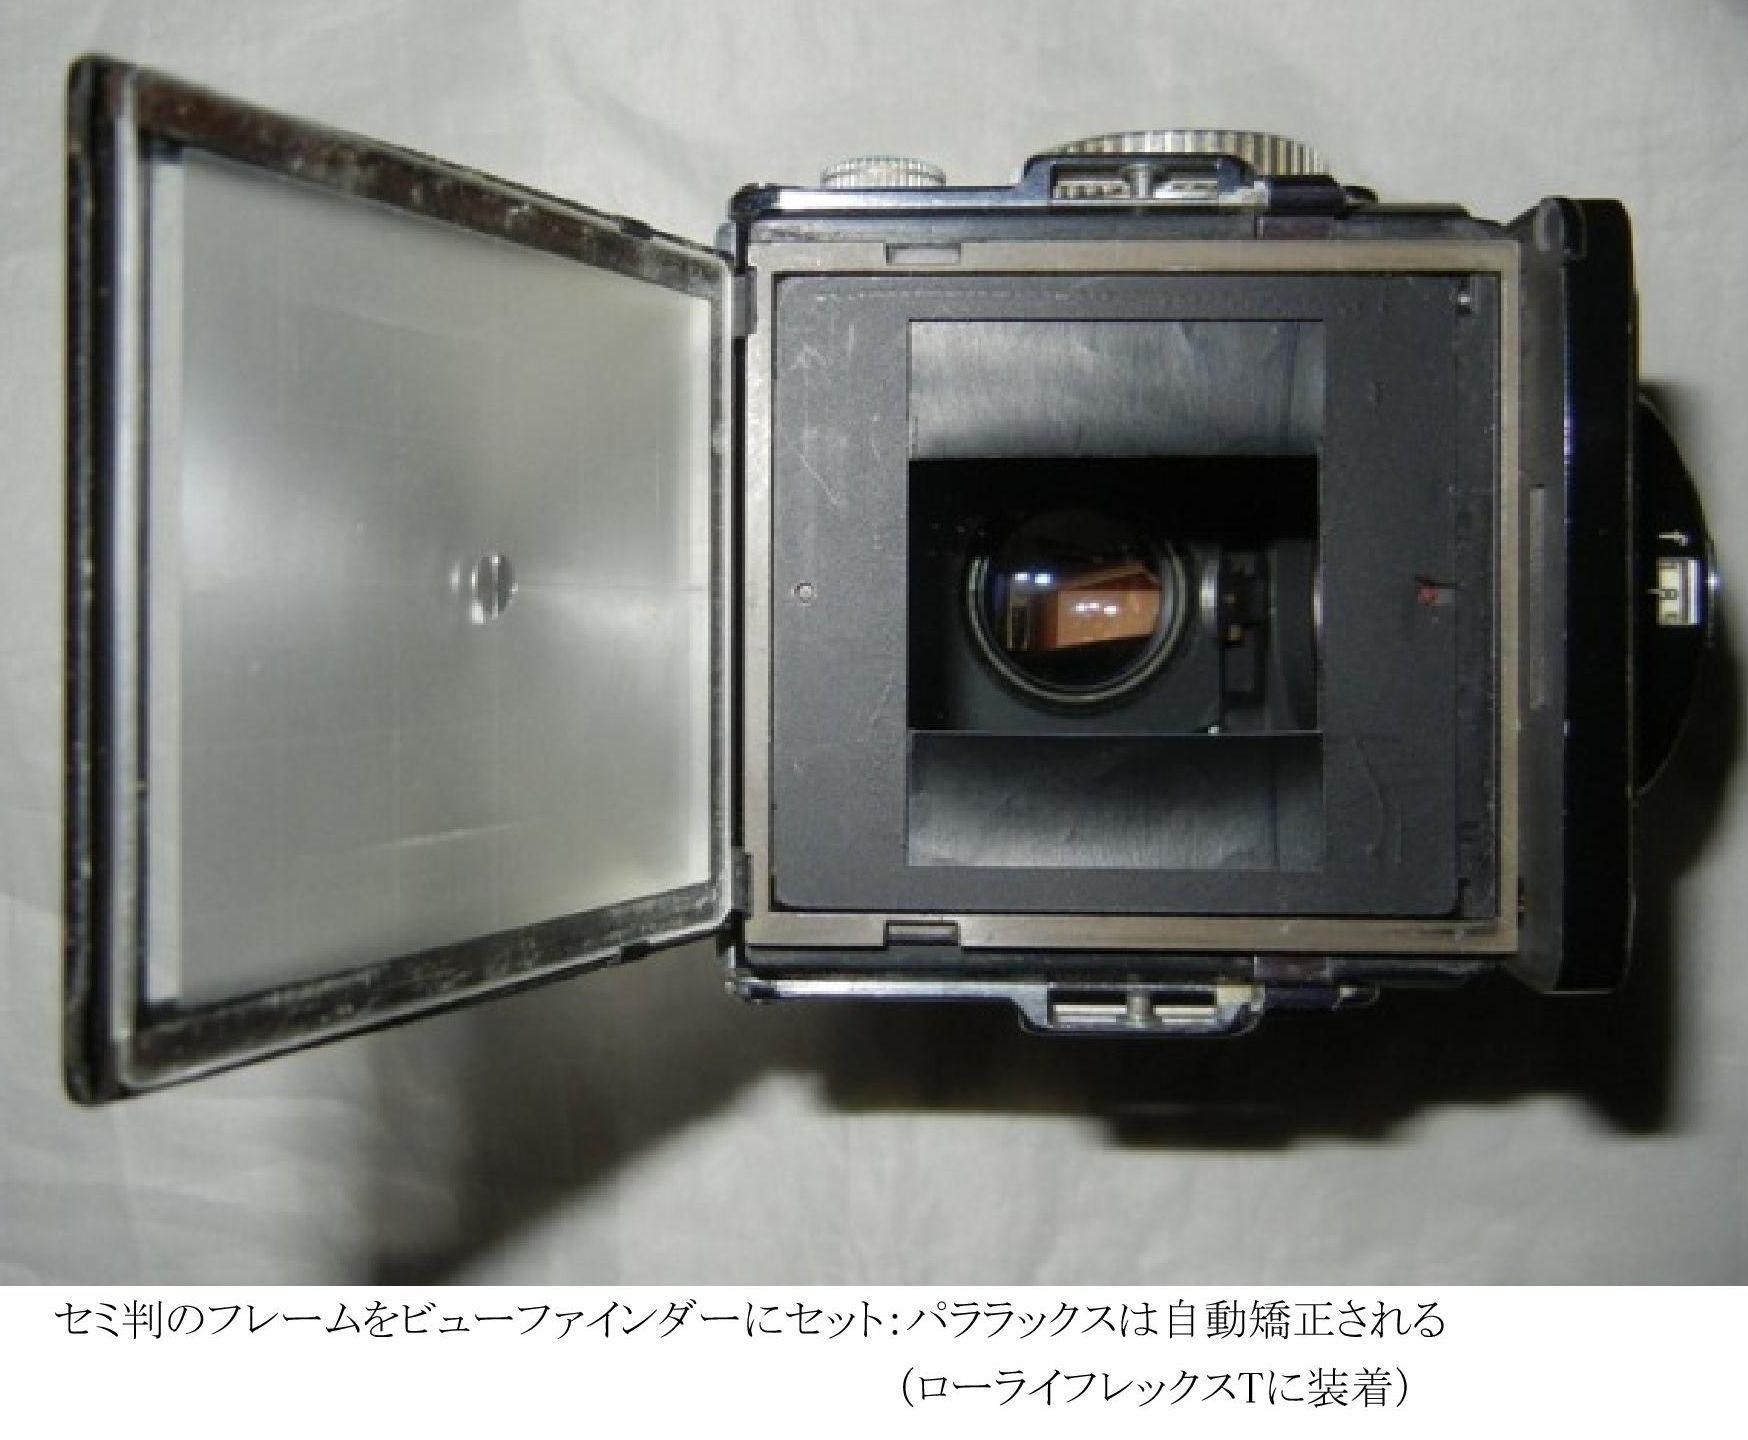 第12回 好きやねん大阪カメラ倶楽部 例会報告_d0138130_11104074.jpg